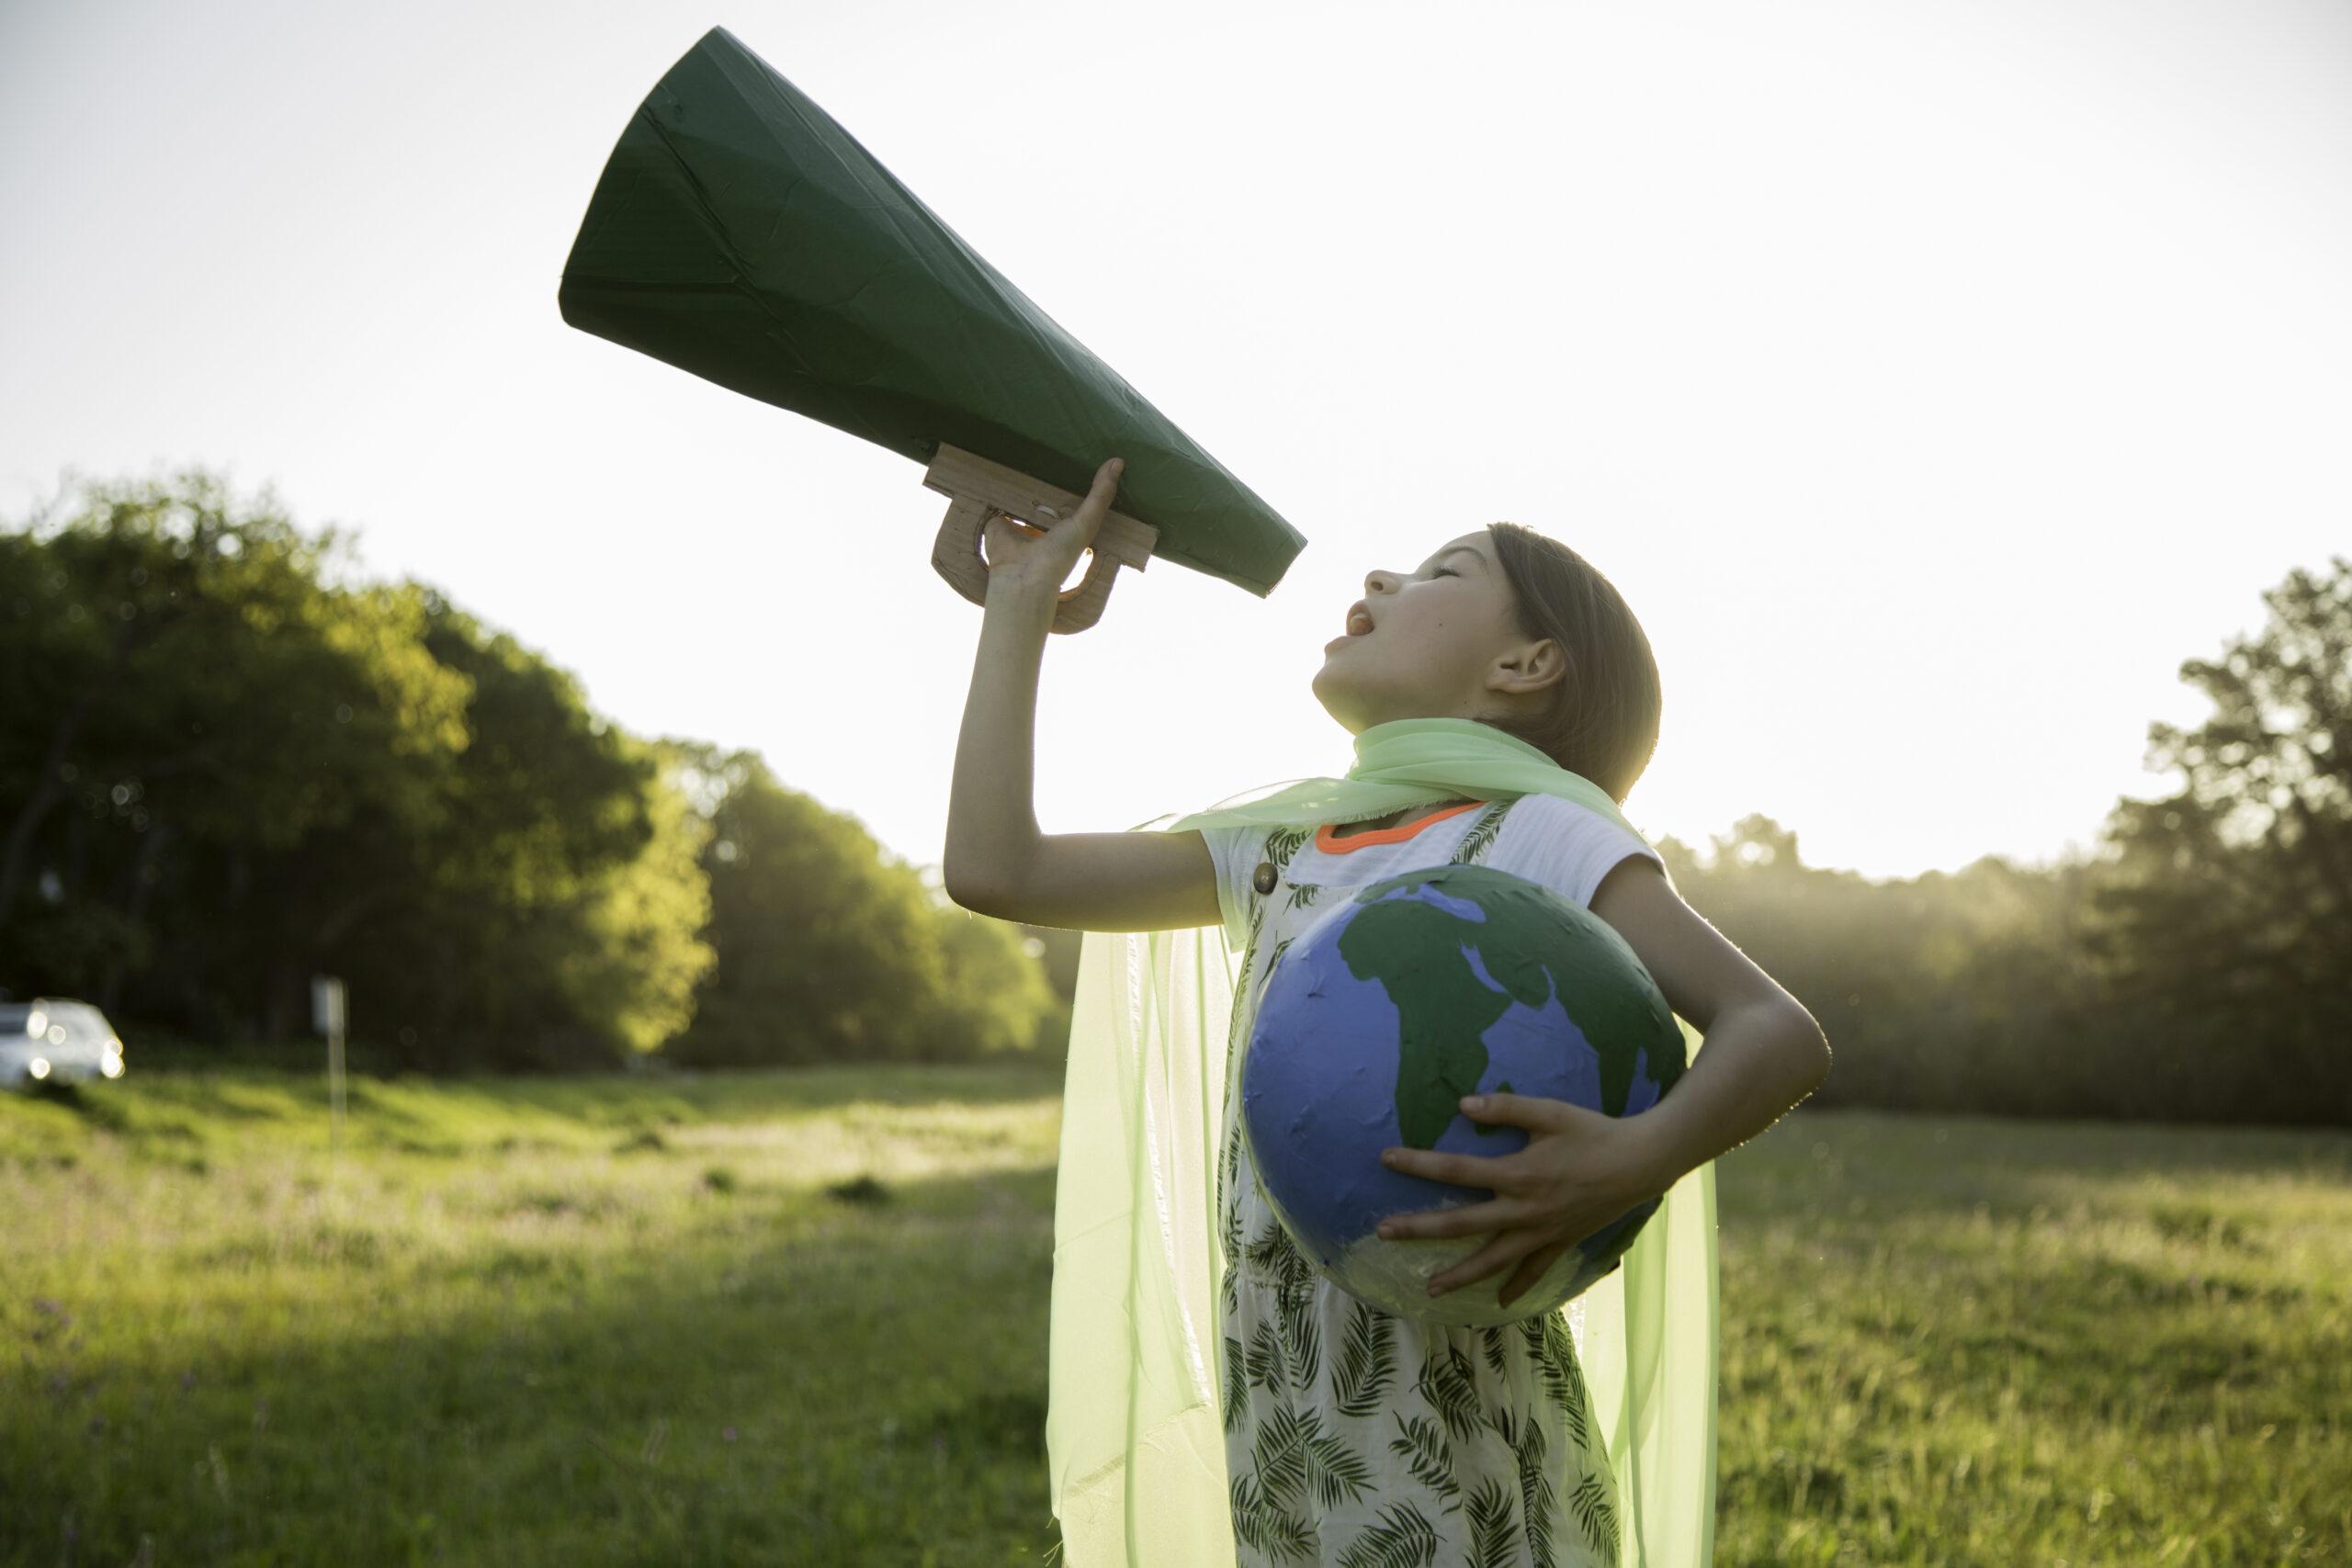 flicka, barn, jordklot, natur, hjälte, miljöhjälte, kommunikation, gräs, himmel, sommar, träd, park, 1279305654